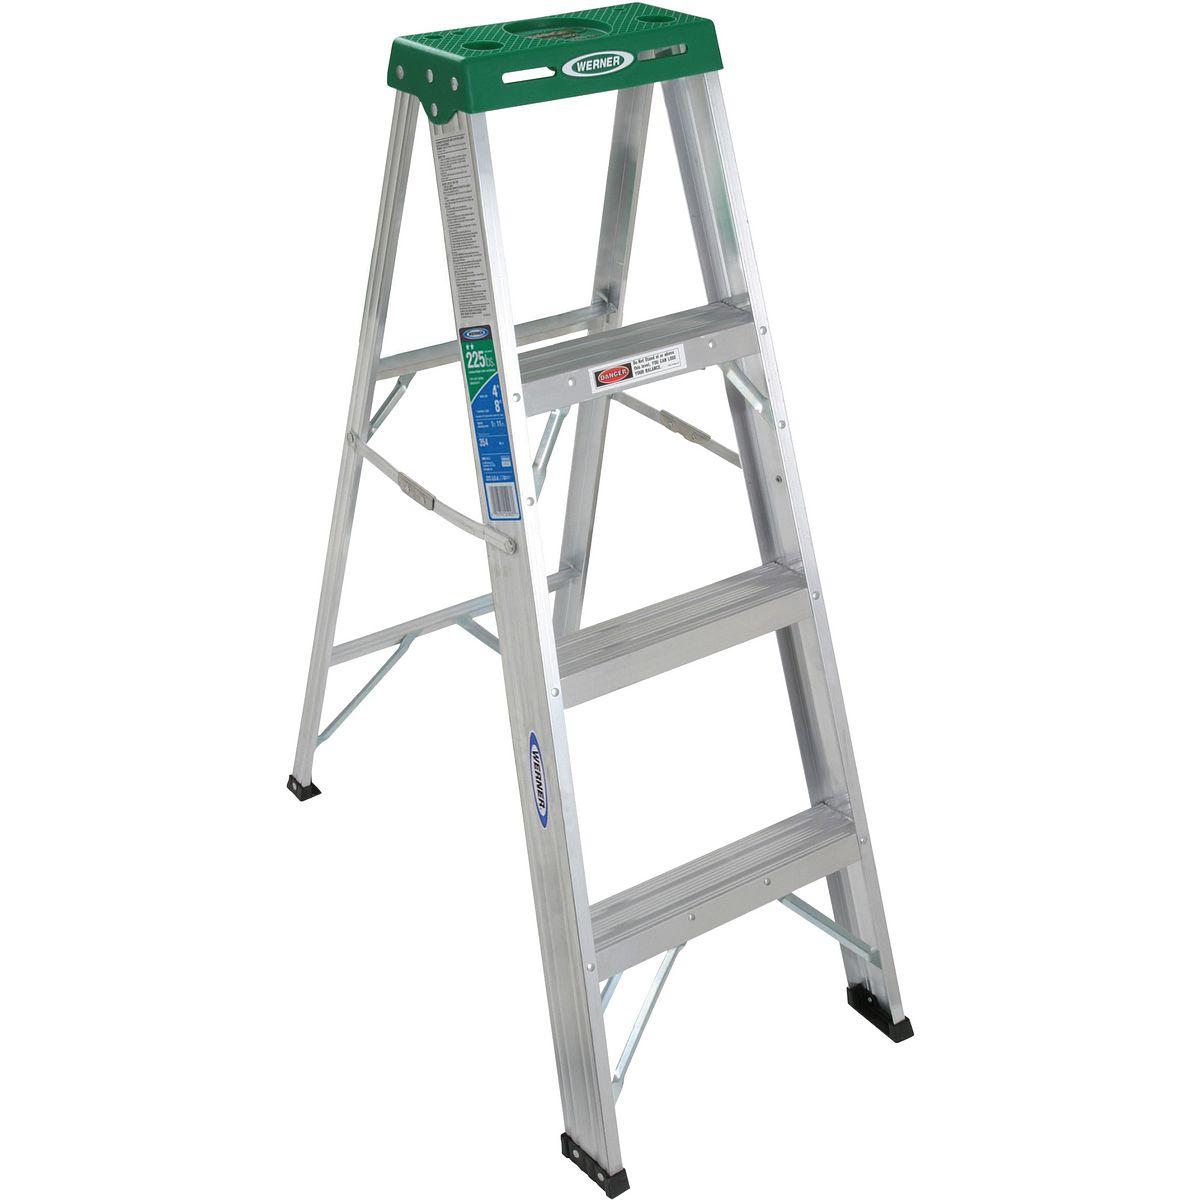 354ca Step Ladders Werner Ca